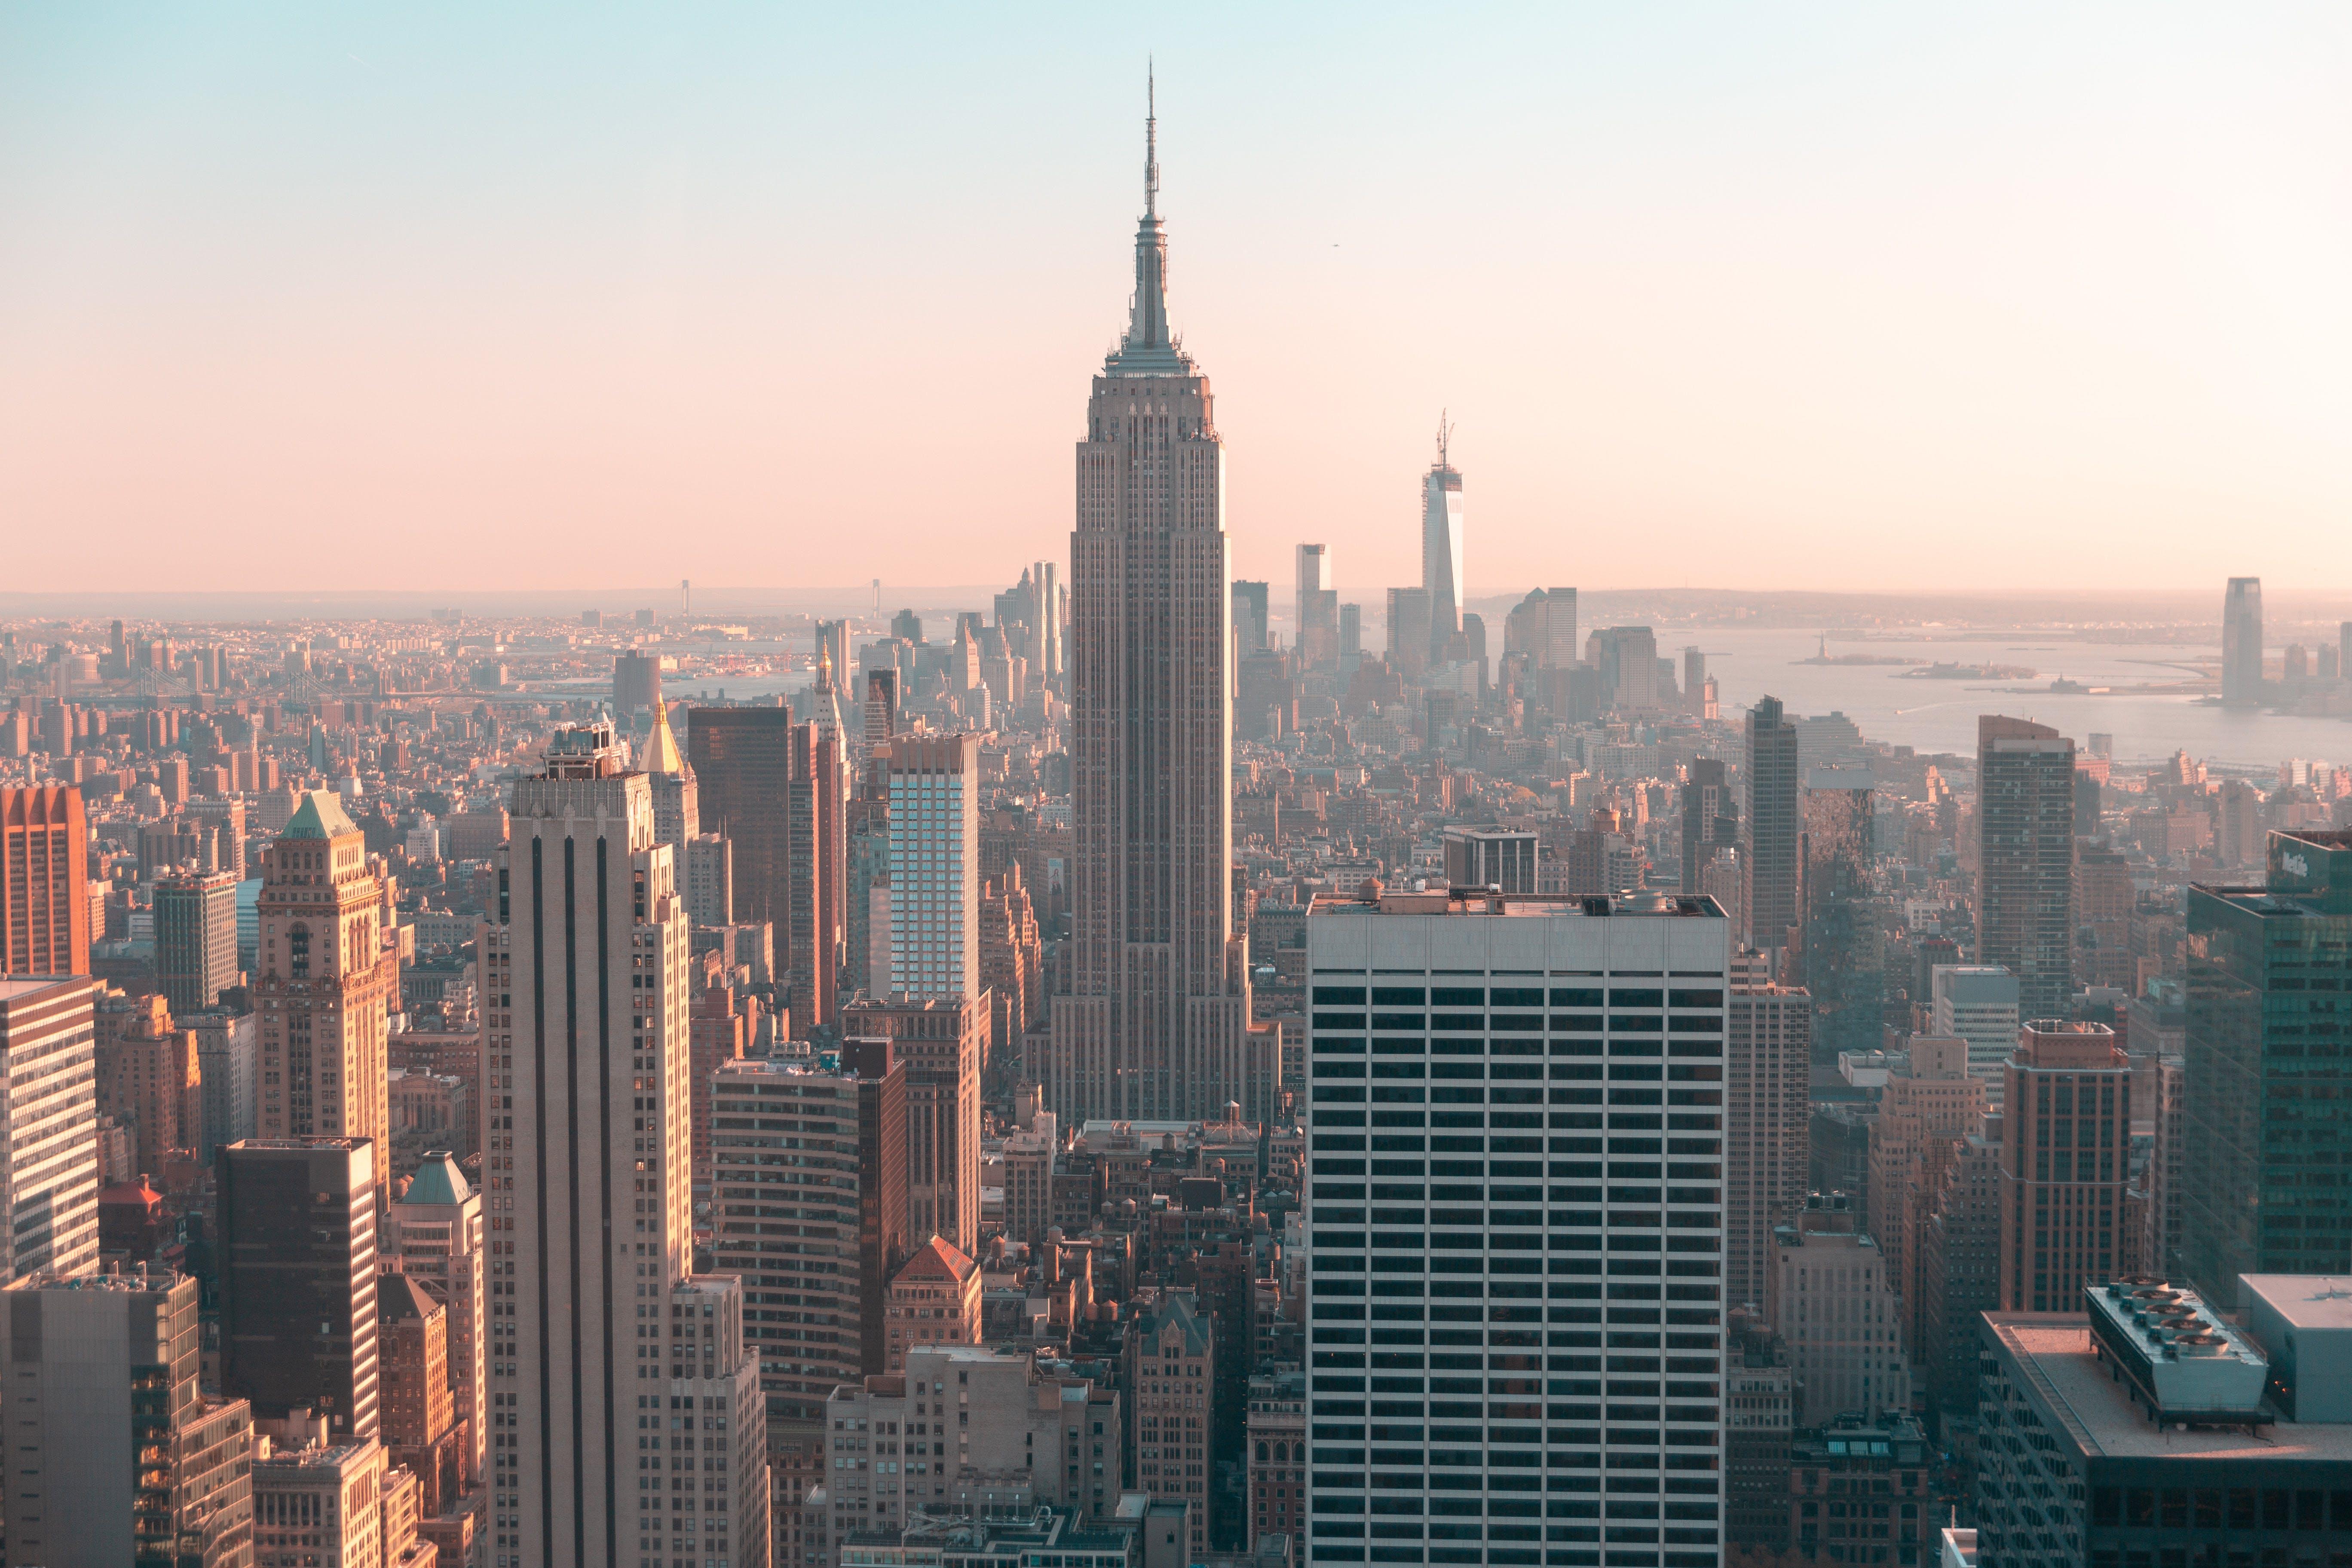 Kostenloses Stock Foto zu architektur, empire state building, gebäude, hochhäuser